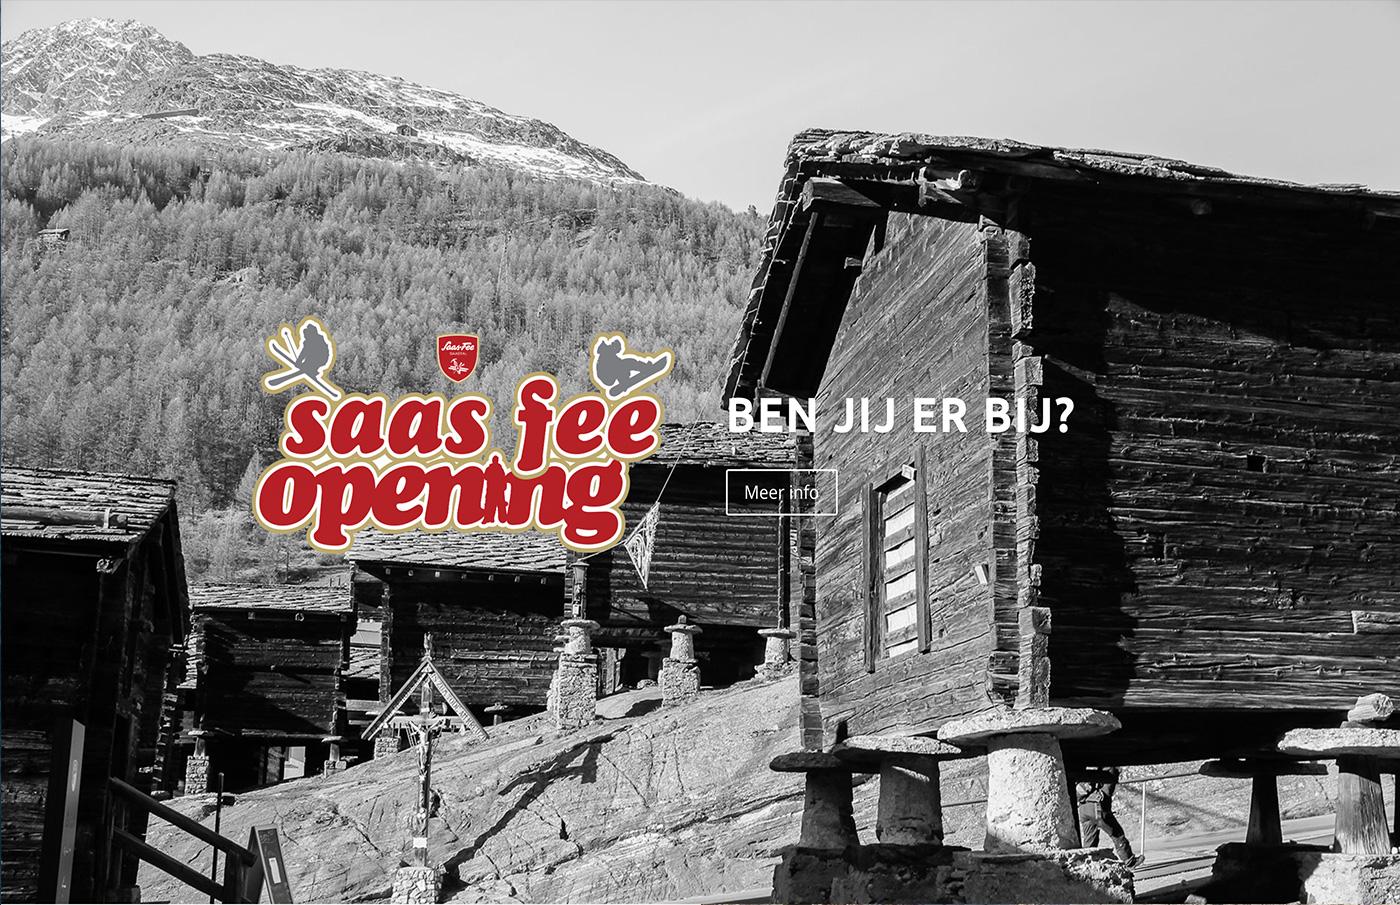 Saas Fee Opening